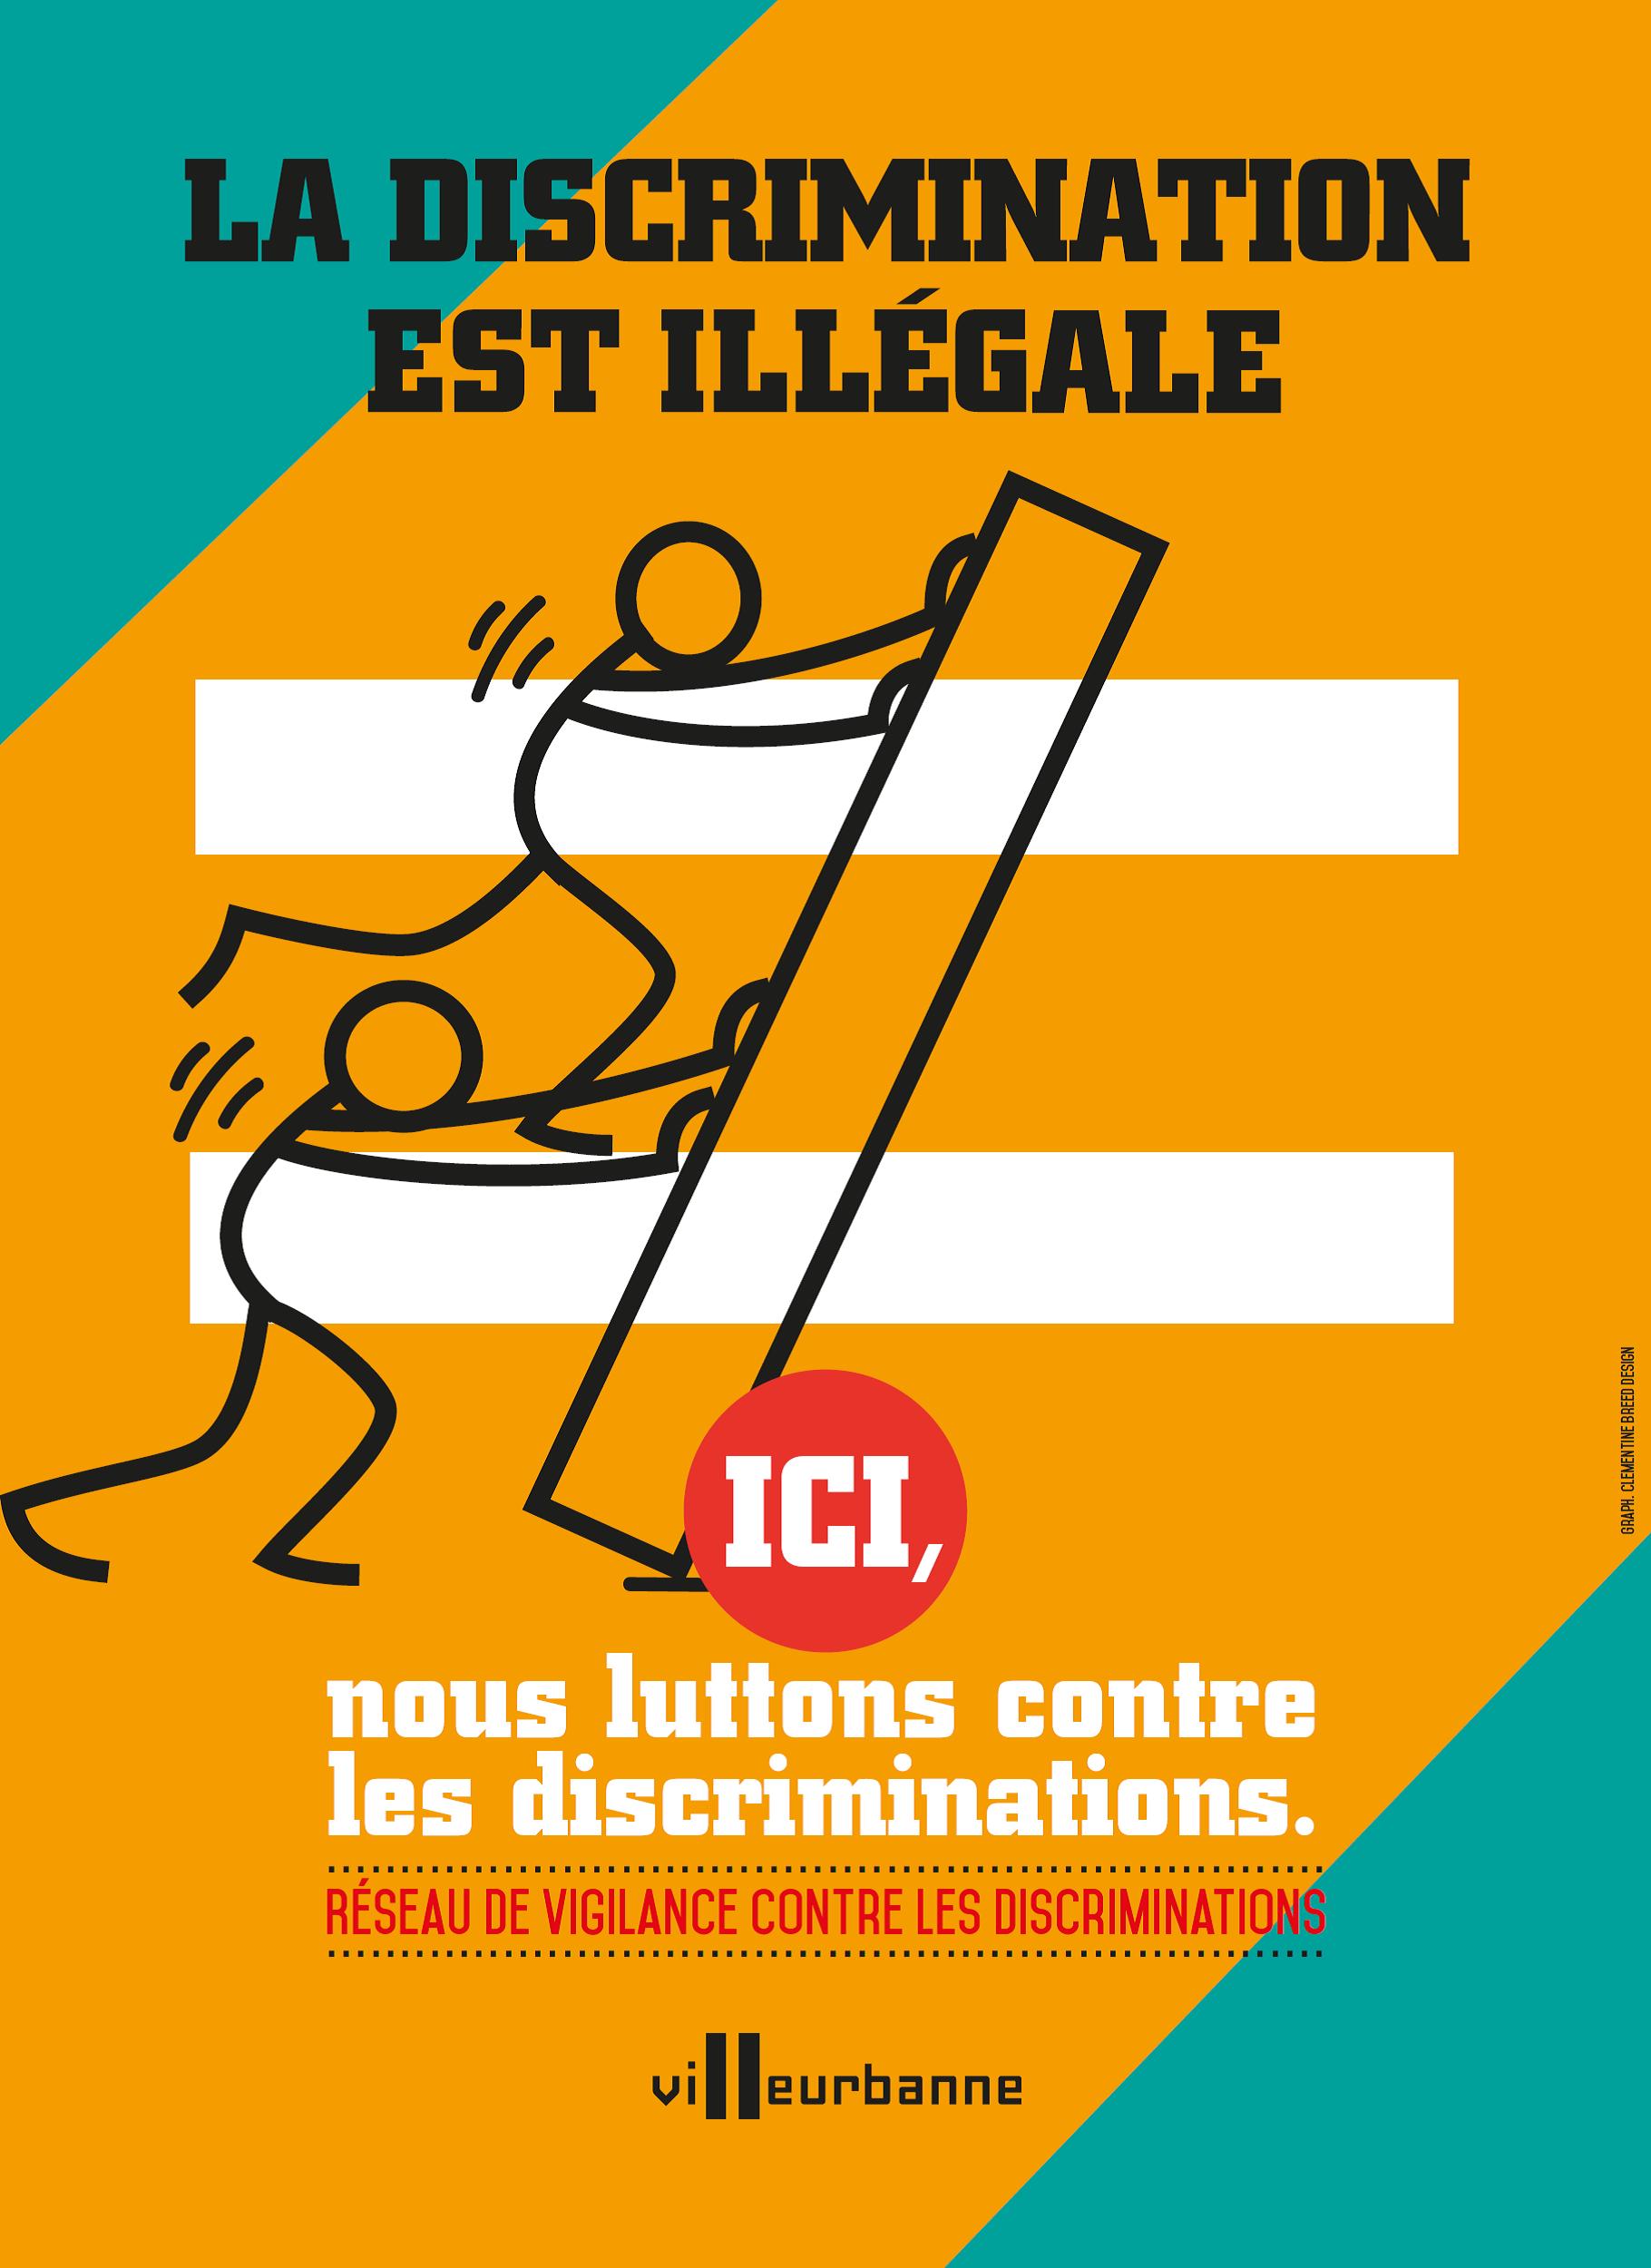 Image affiche la discrimination est illégale